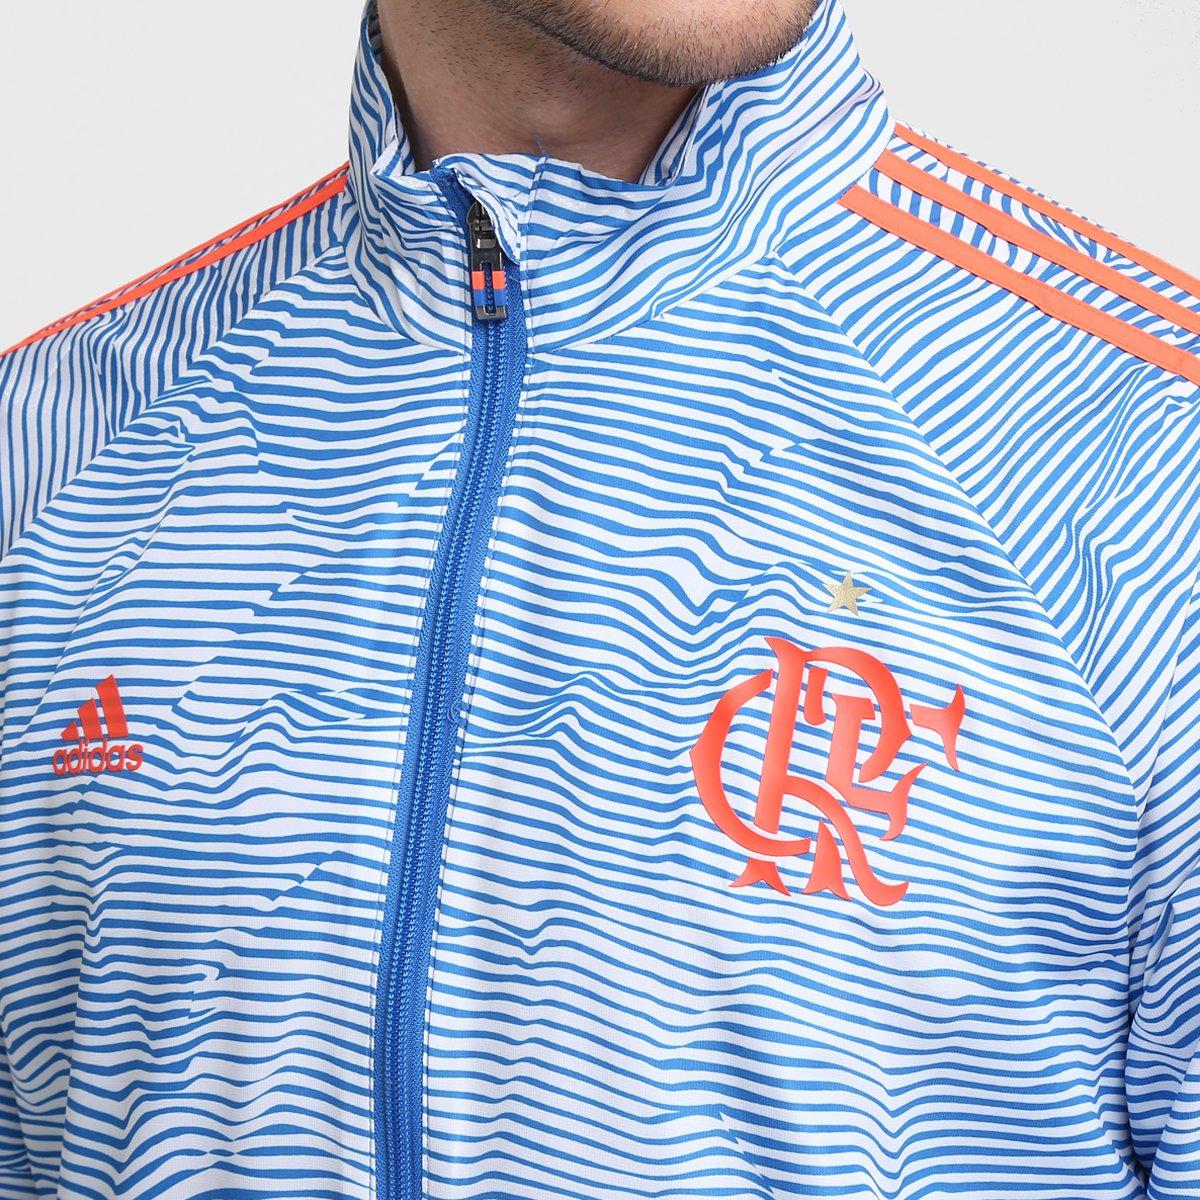 514e6c5a20 Agasalho Adidas Flamengo Viagem Lib - Compre Agora